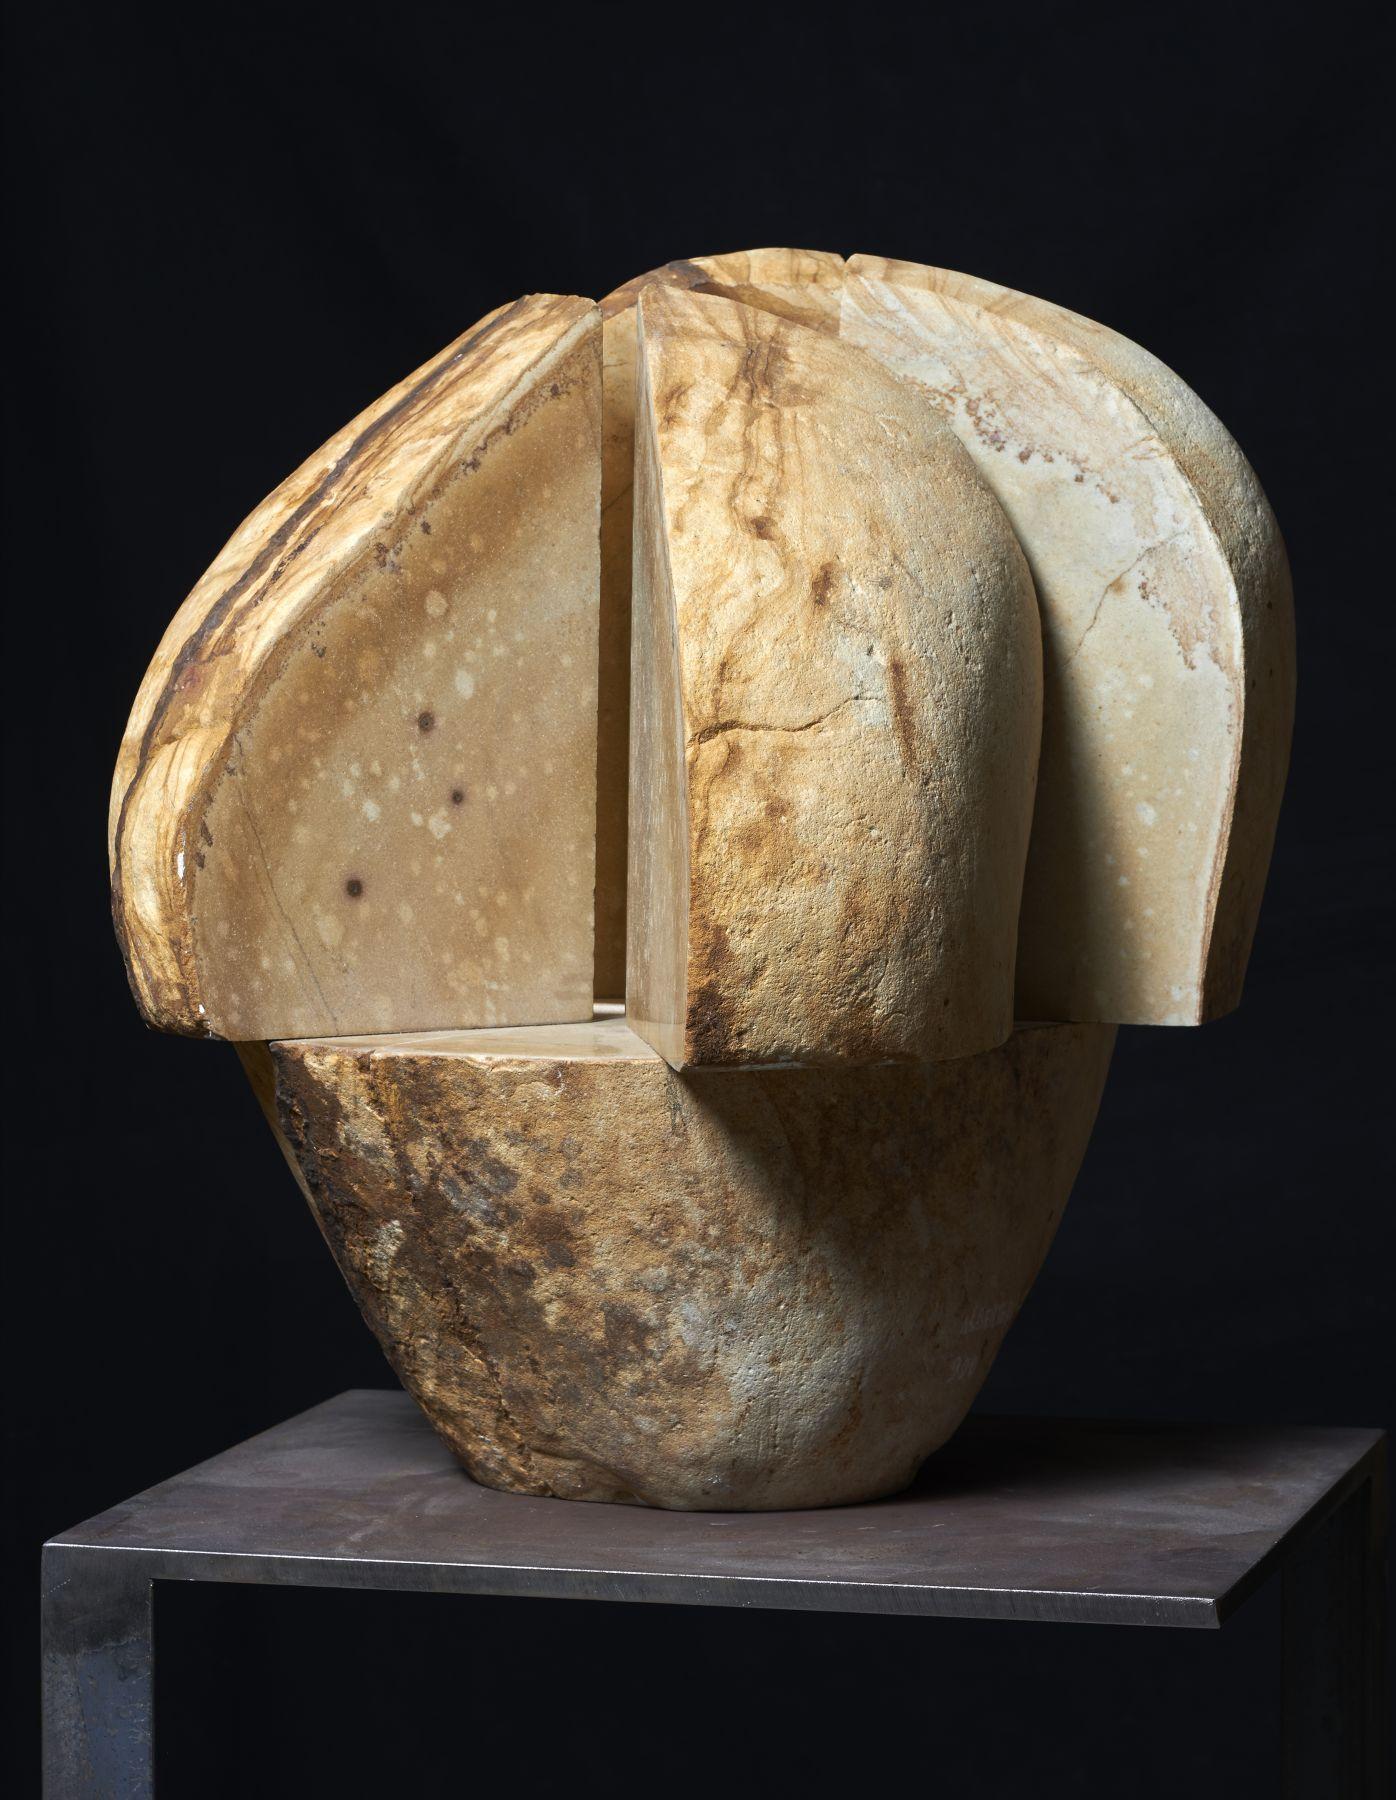 Opus 900 from Piedra Y Algodón by Alberto Bañuelos at Hoerle-Guggenheim Contemporary